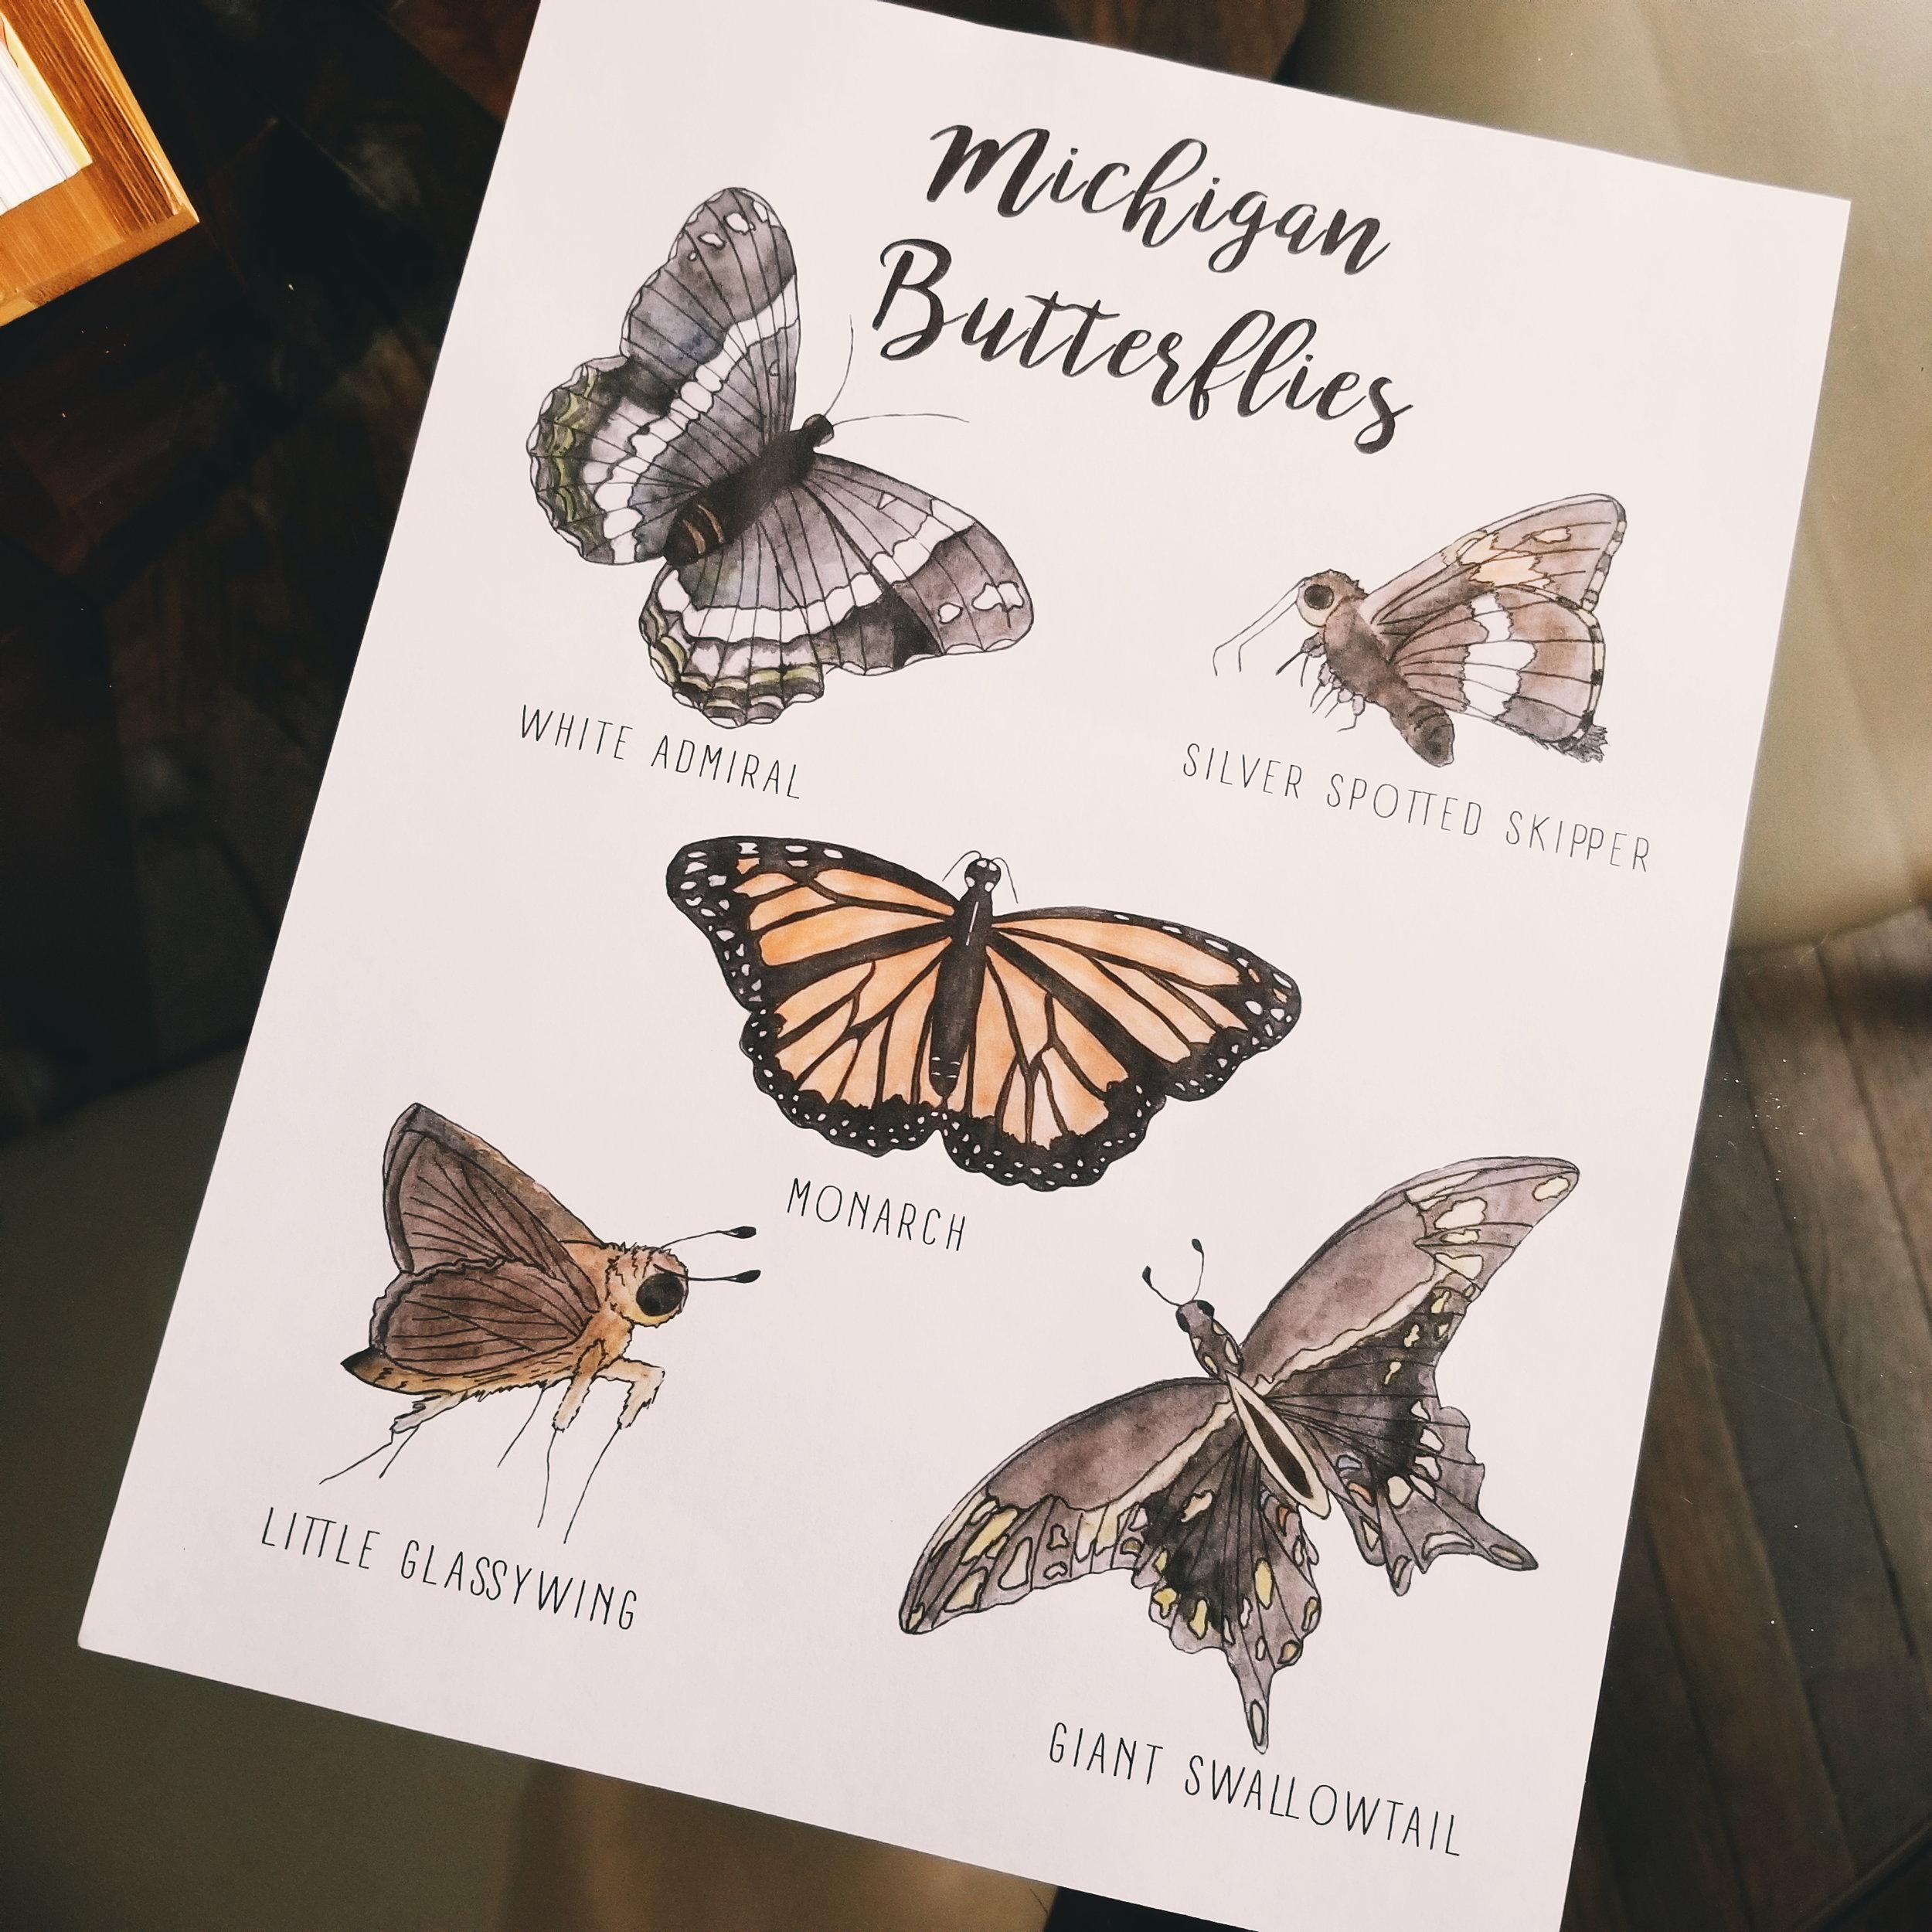 Michigan Butterflies